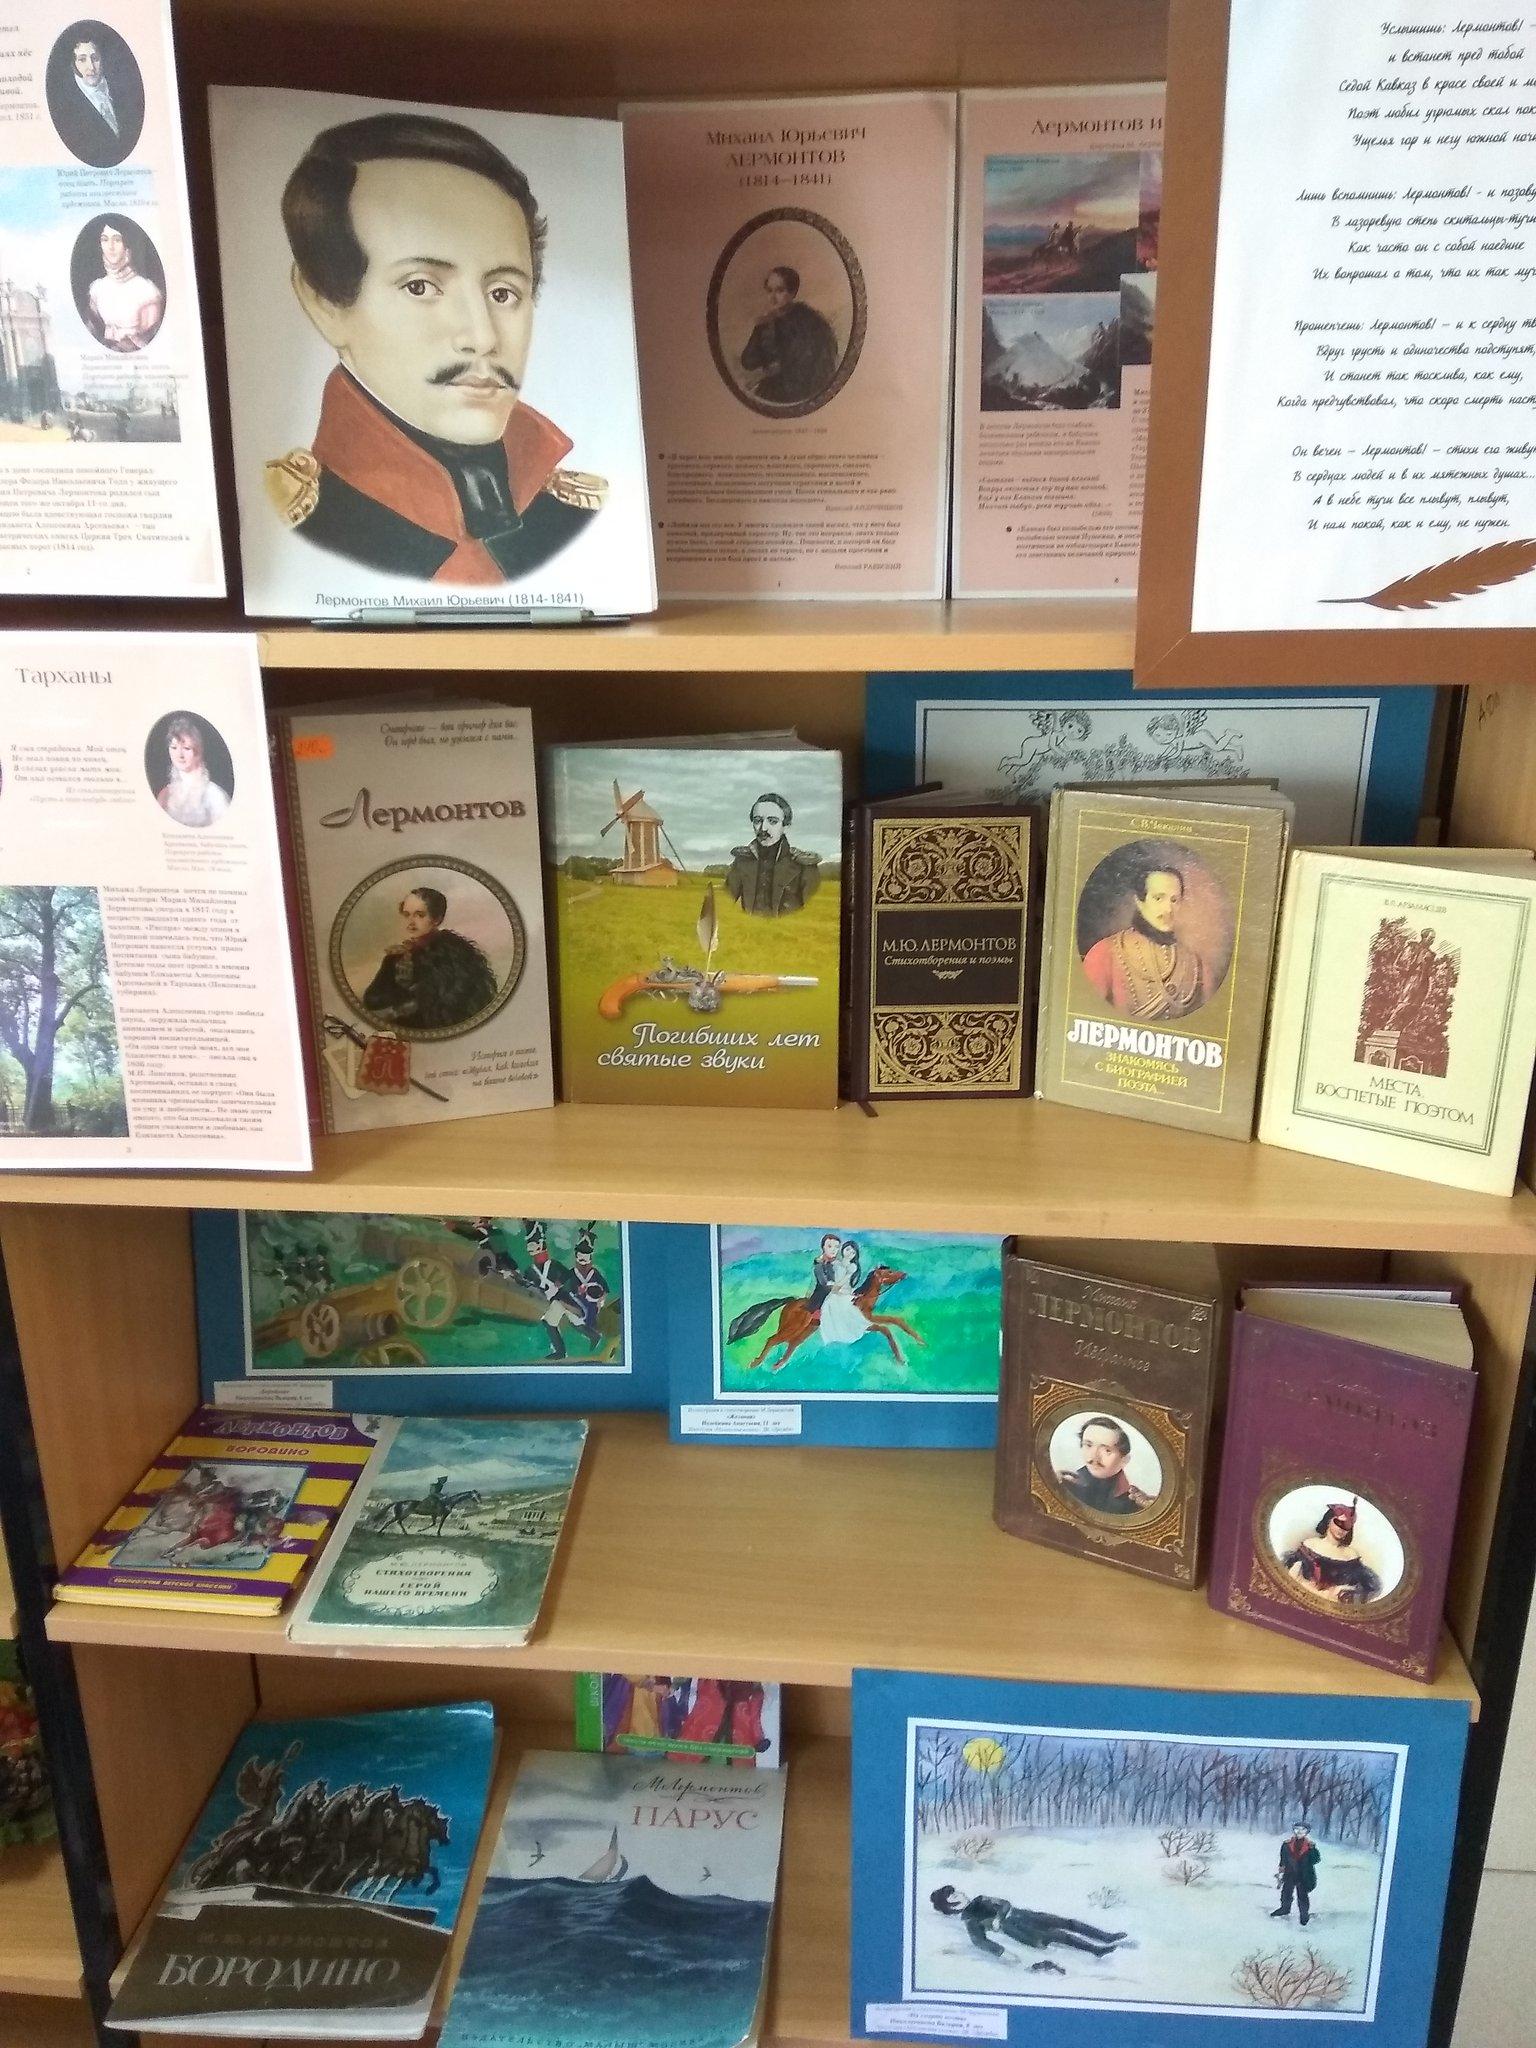 Картинки к юбилею лермонтова в библиотеке, телефон прикольные